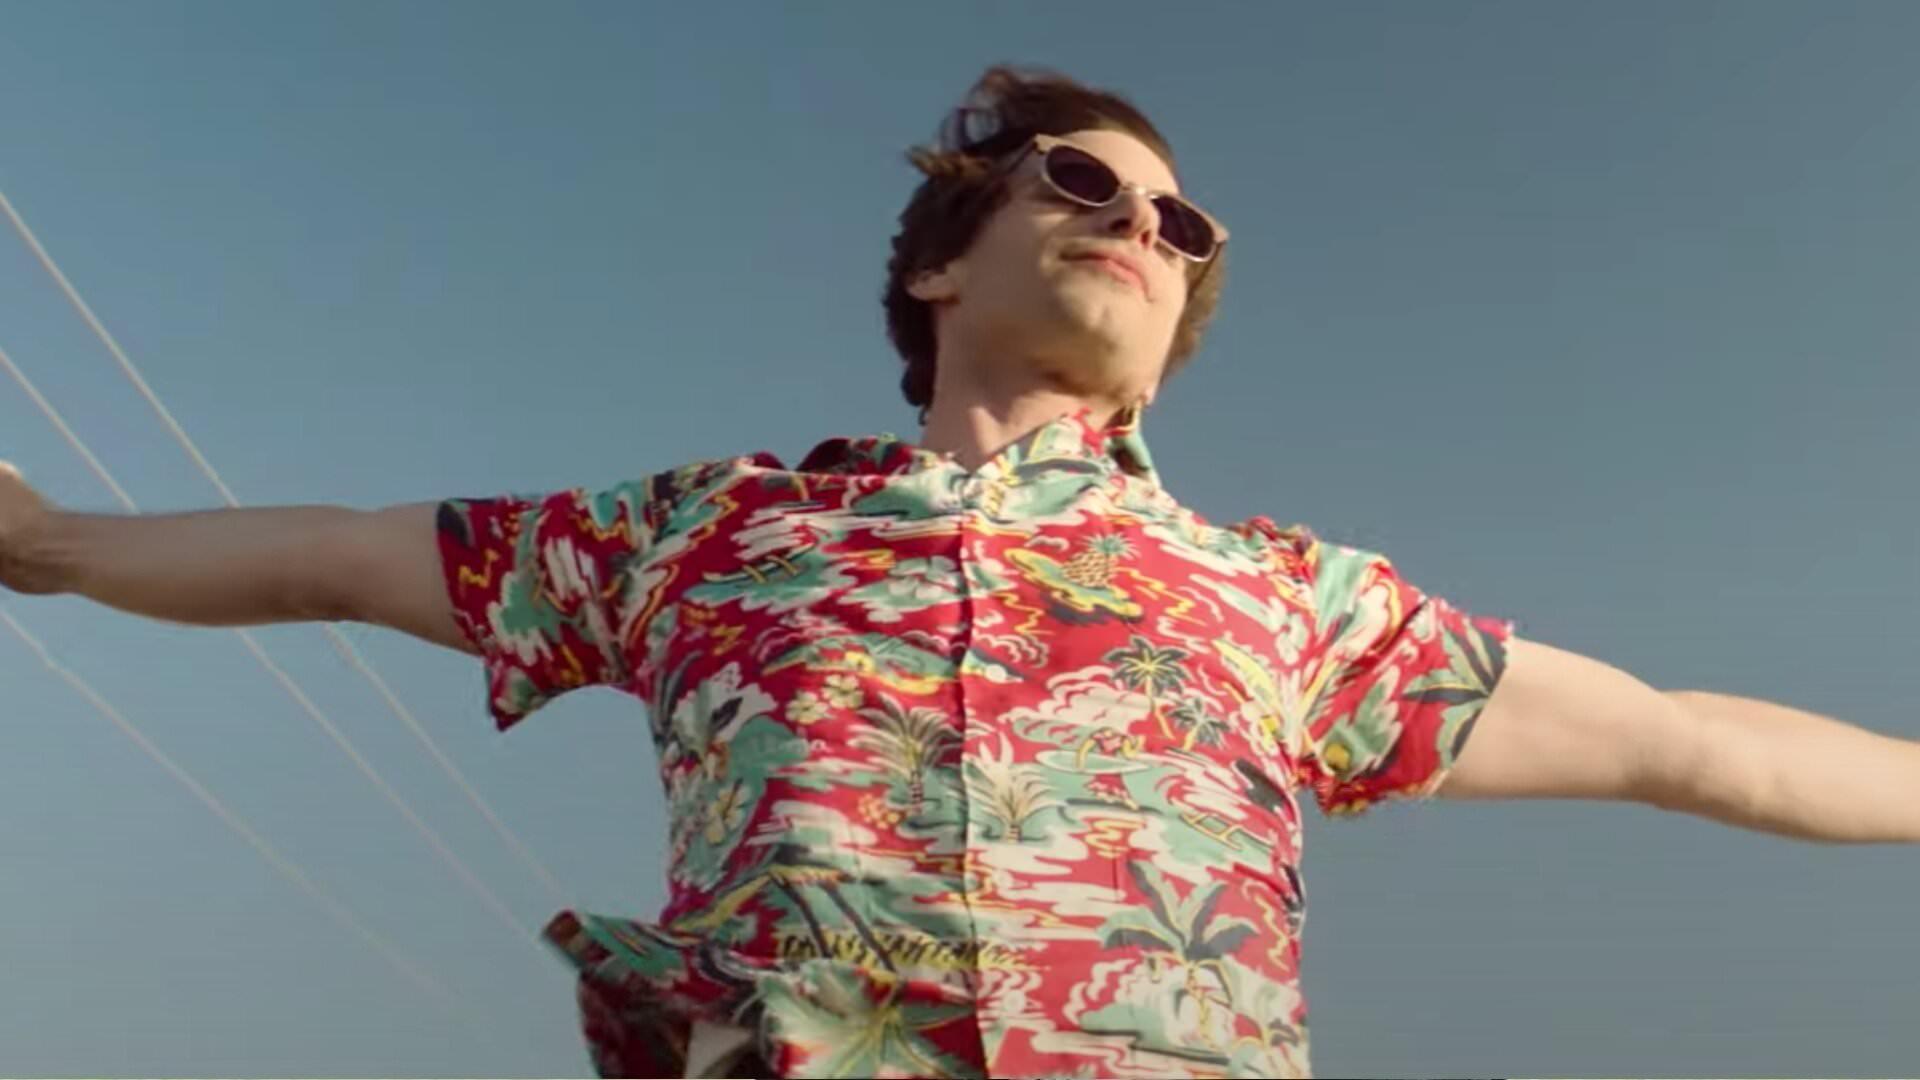 اندی سمبرگ در فیلم Palm Springs